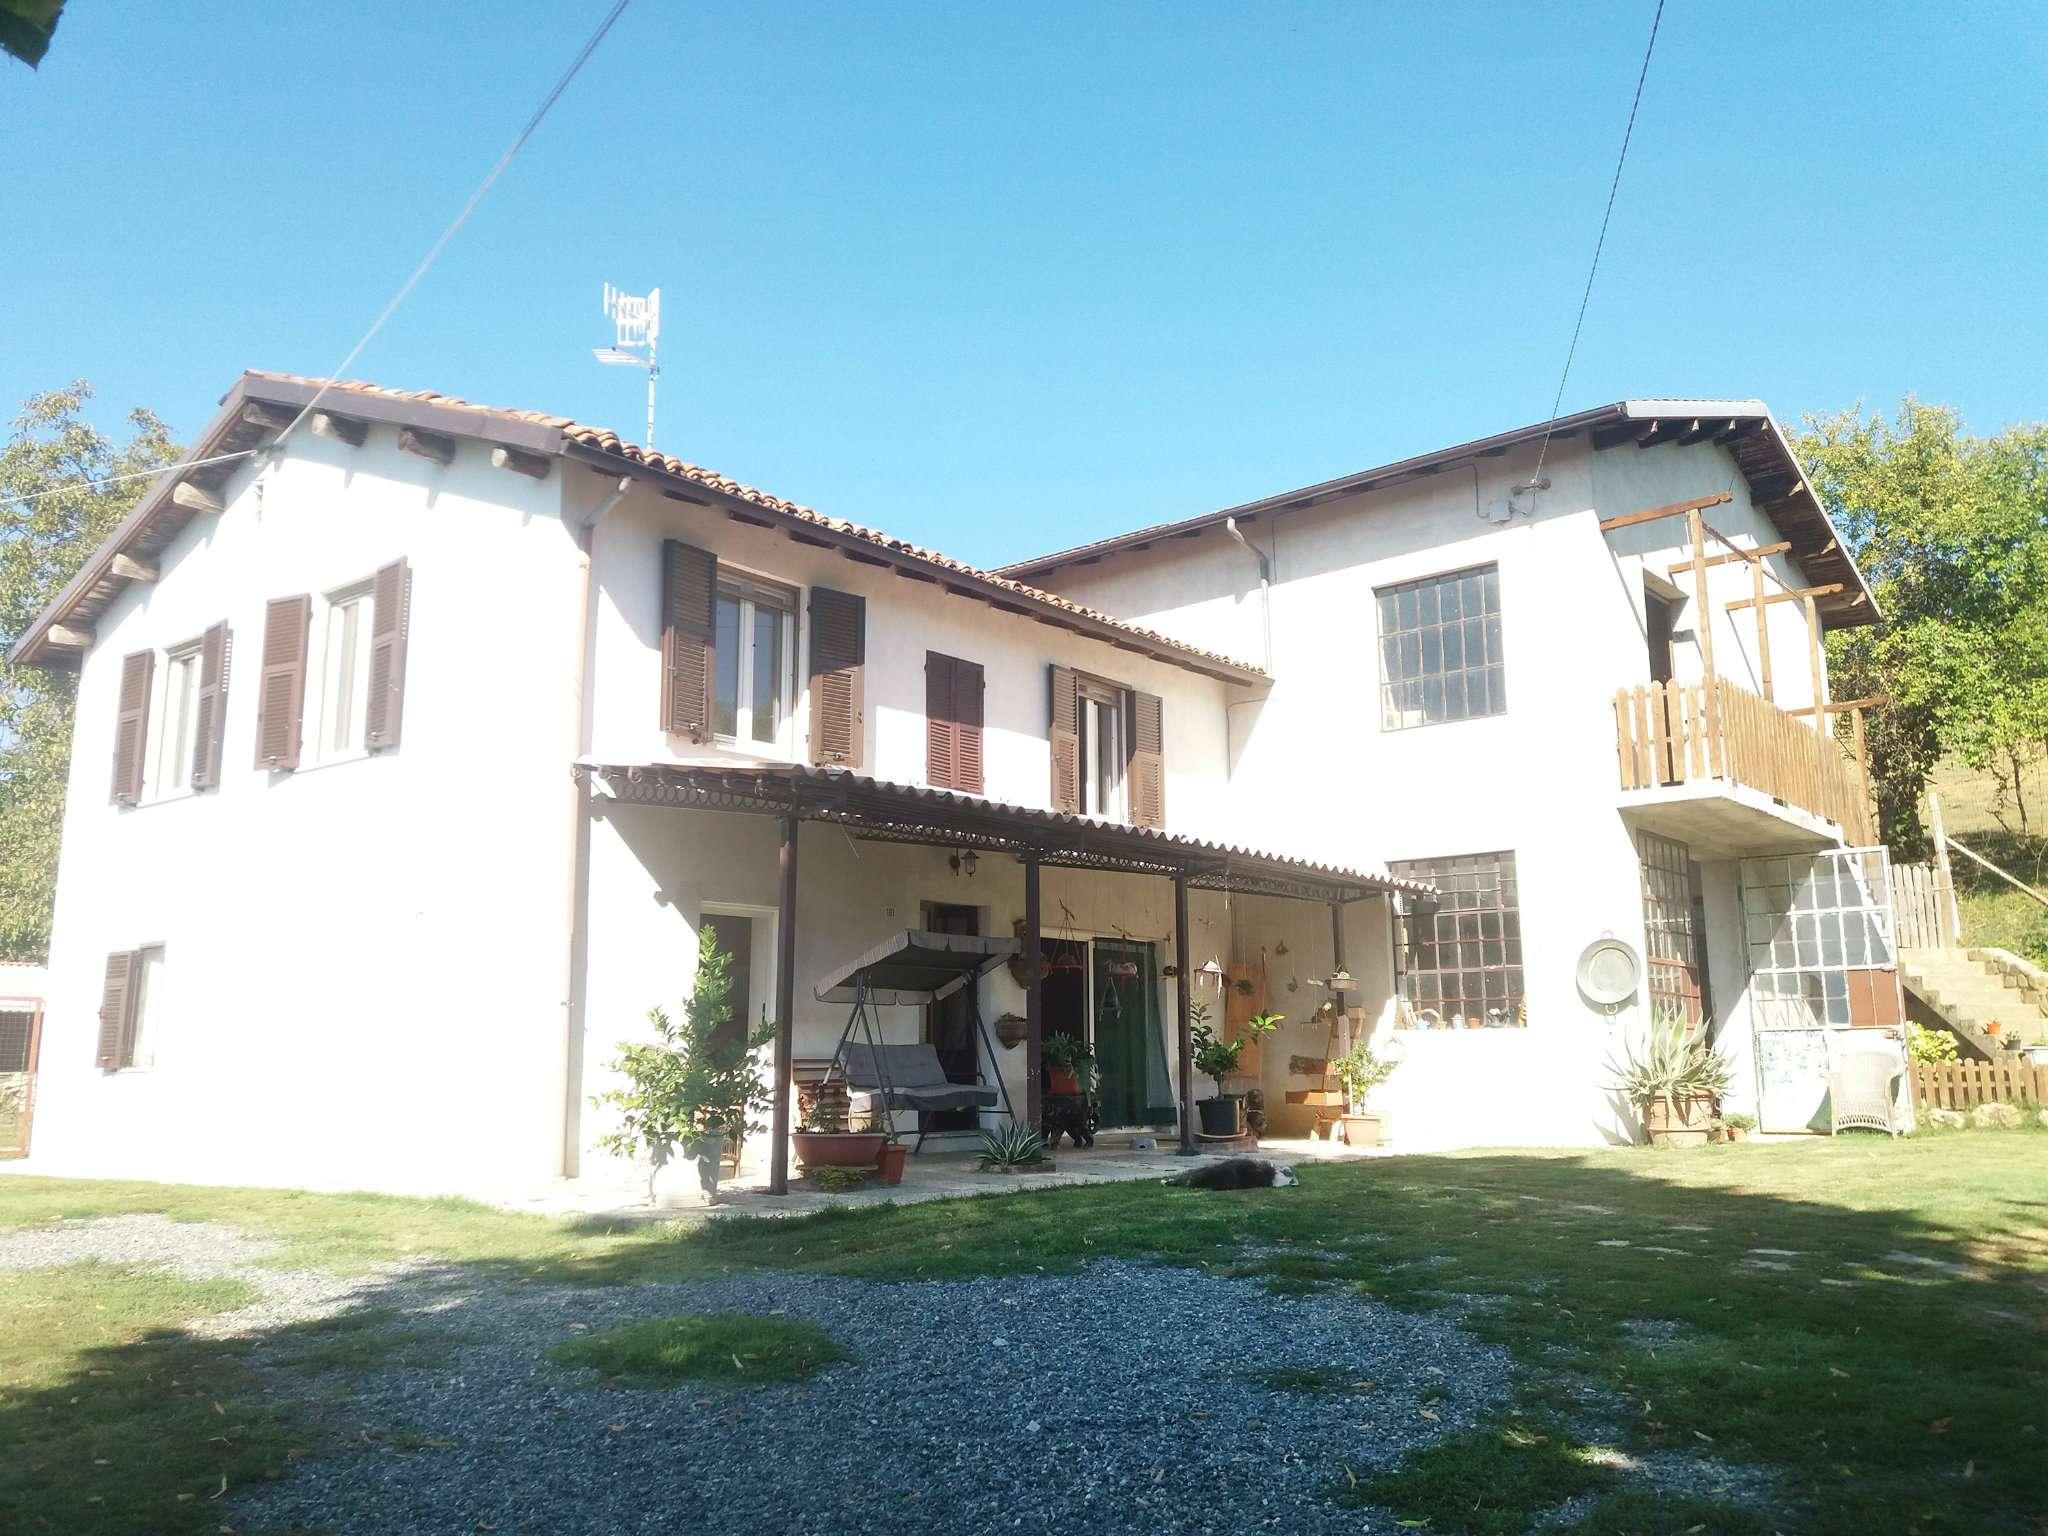 Rustico / Casale in vendita a Carpeneto, 11 locali, prezzo € 249.000 | PortaleAgenzieImmobiliari.it